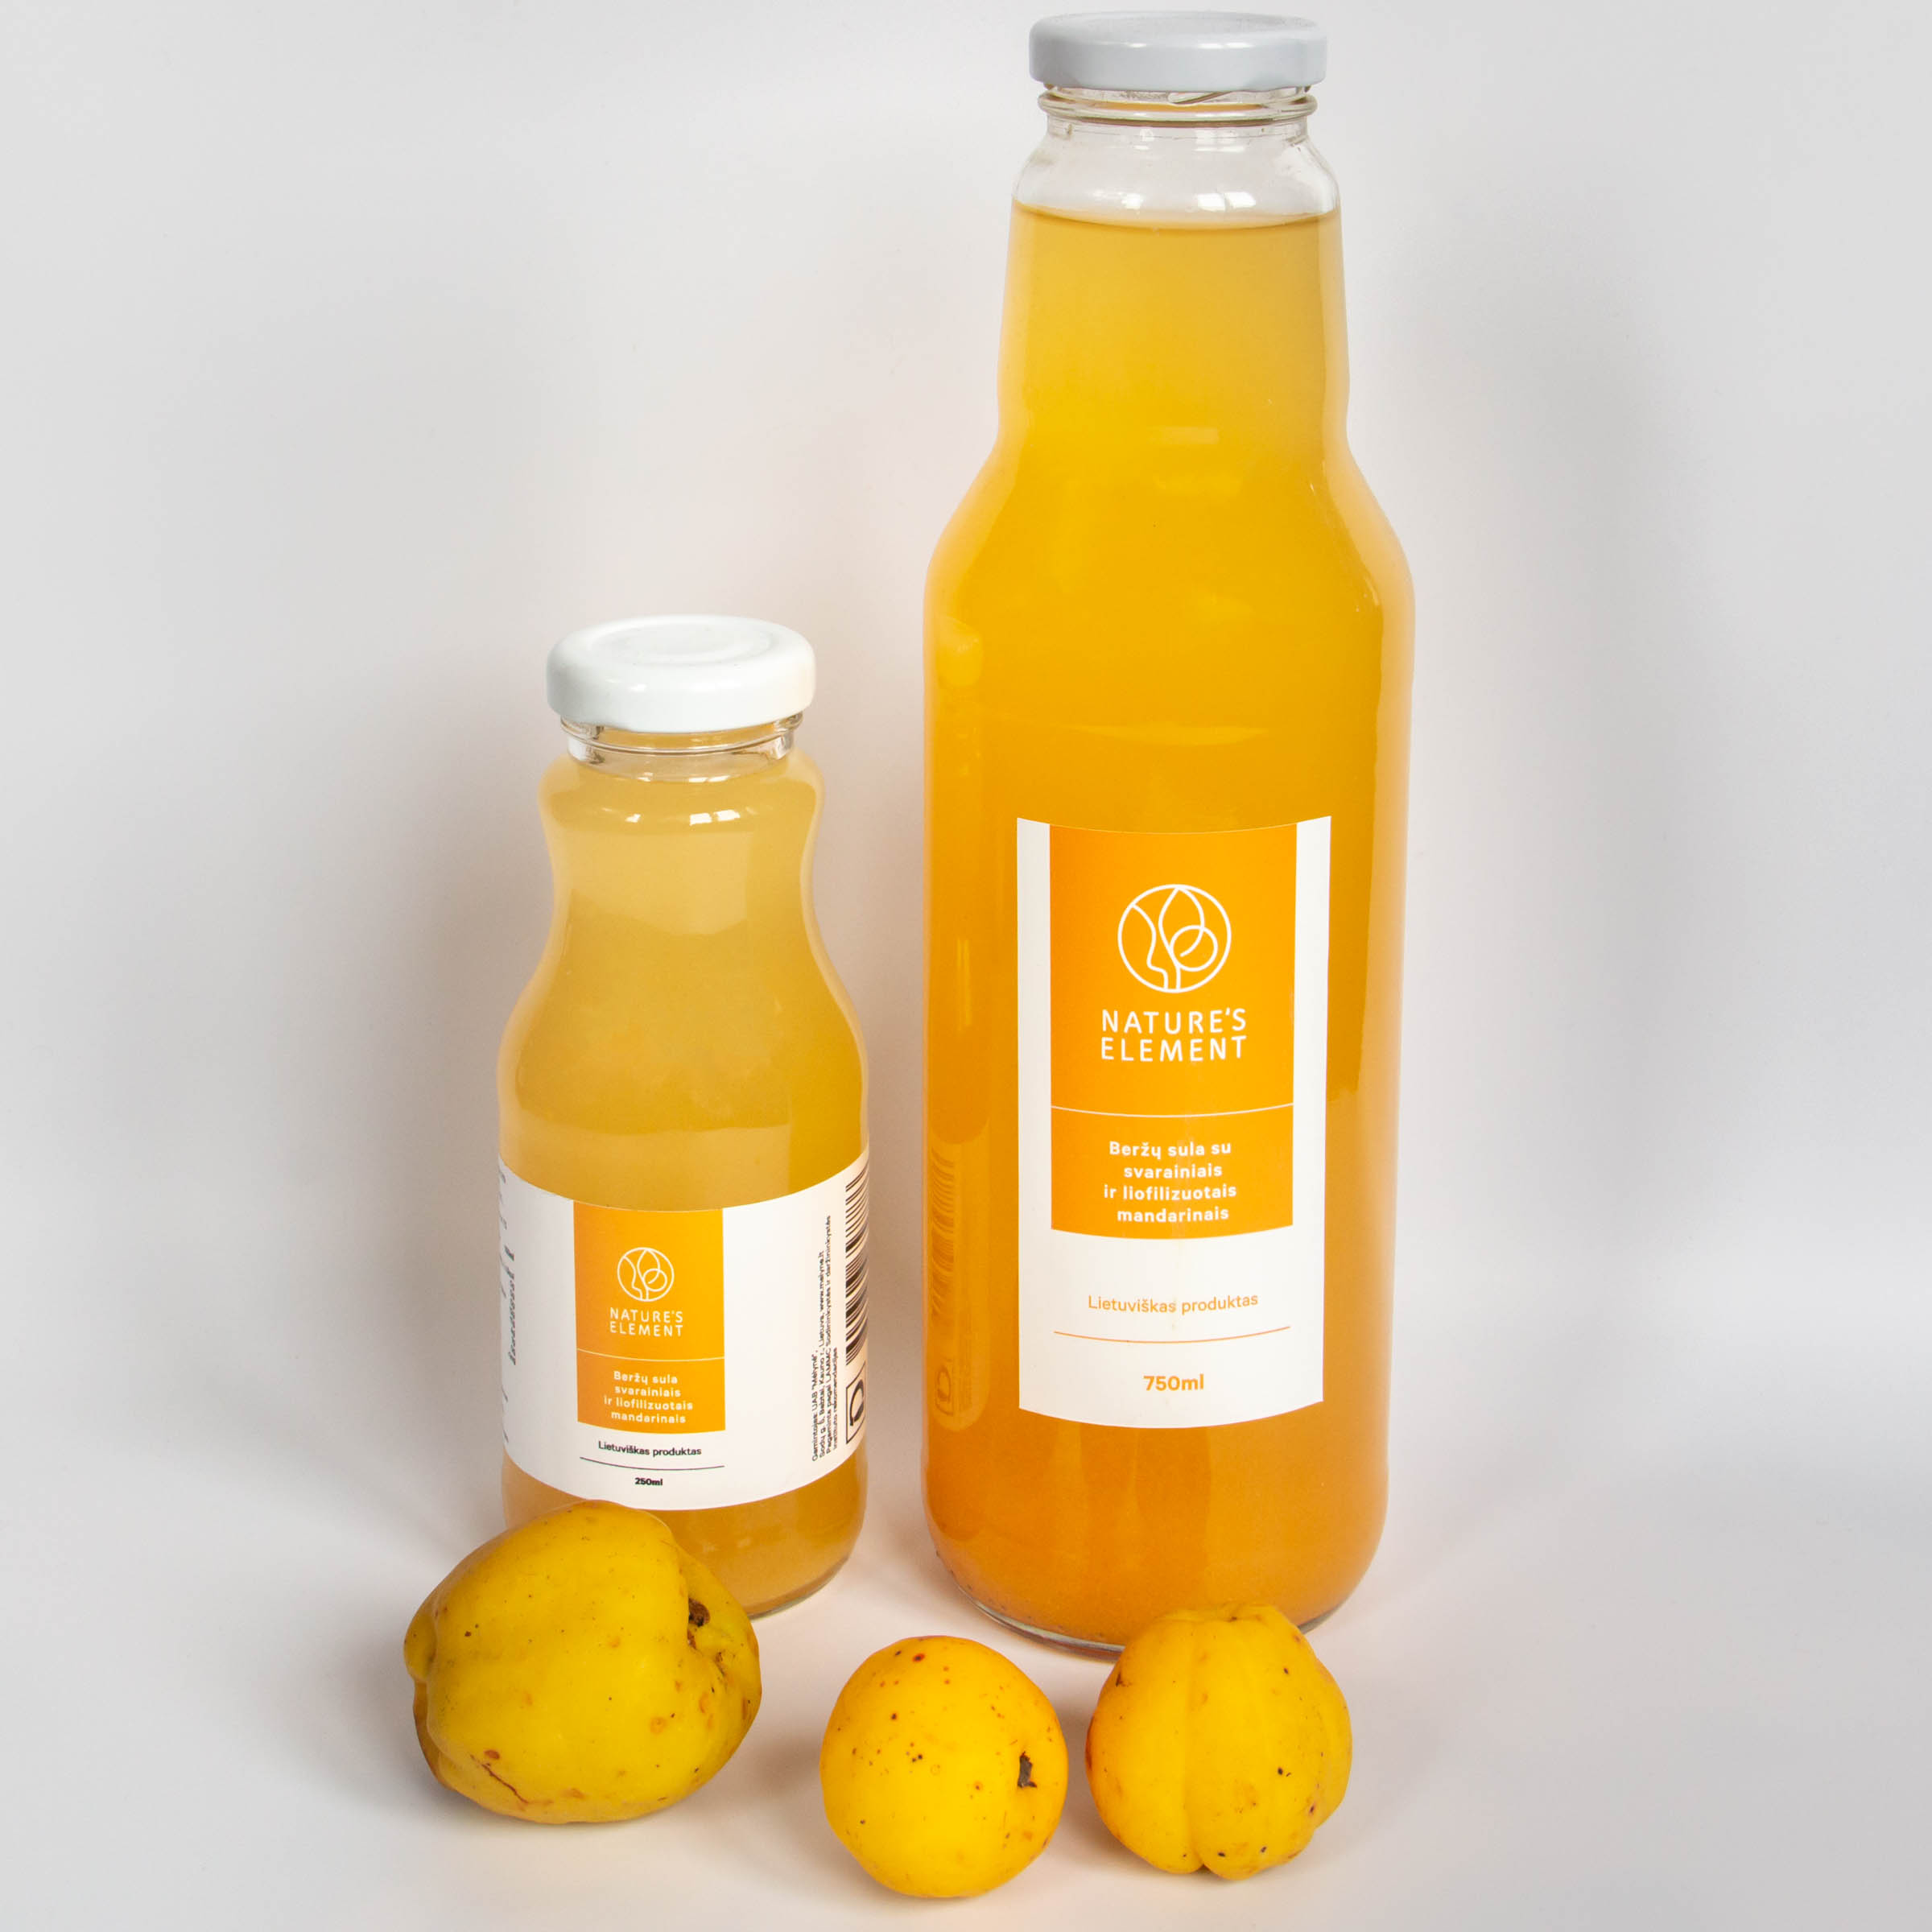 Beržų sula su svarainiais ir liofilizuotais mandarinais.jpg